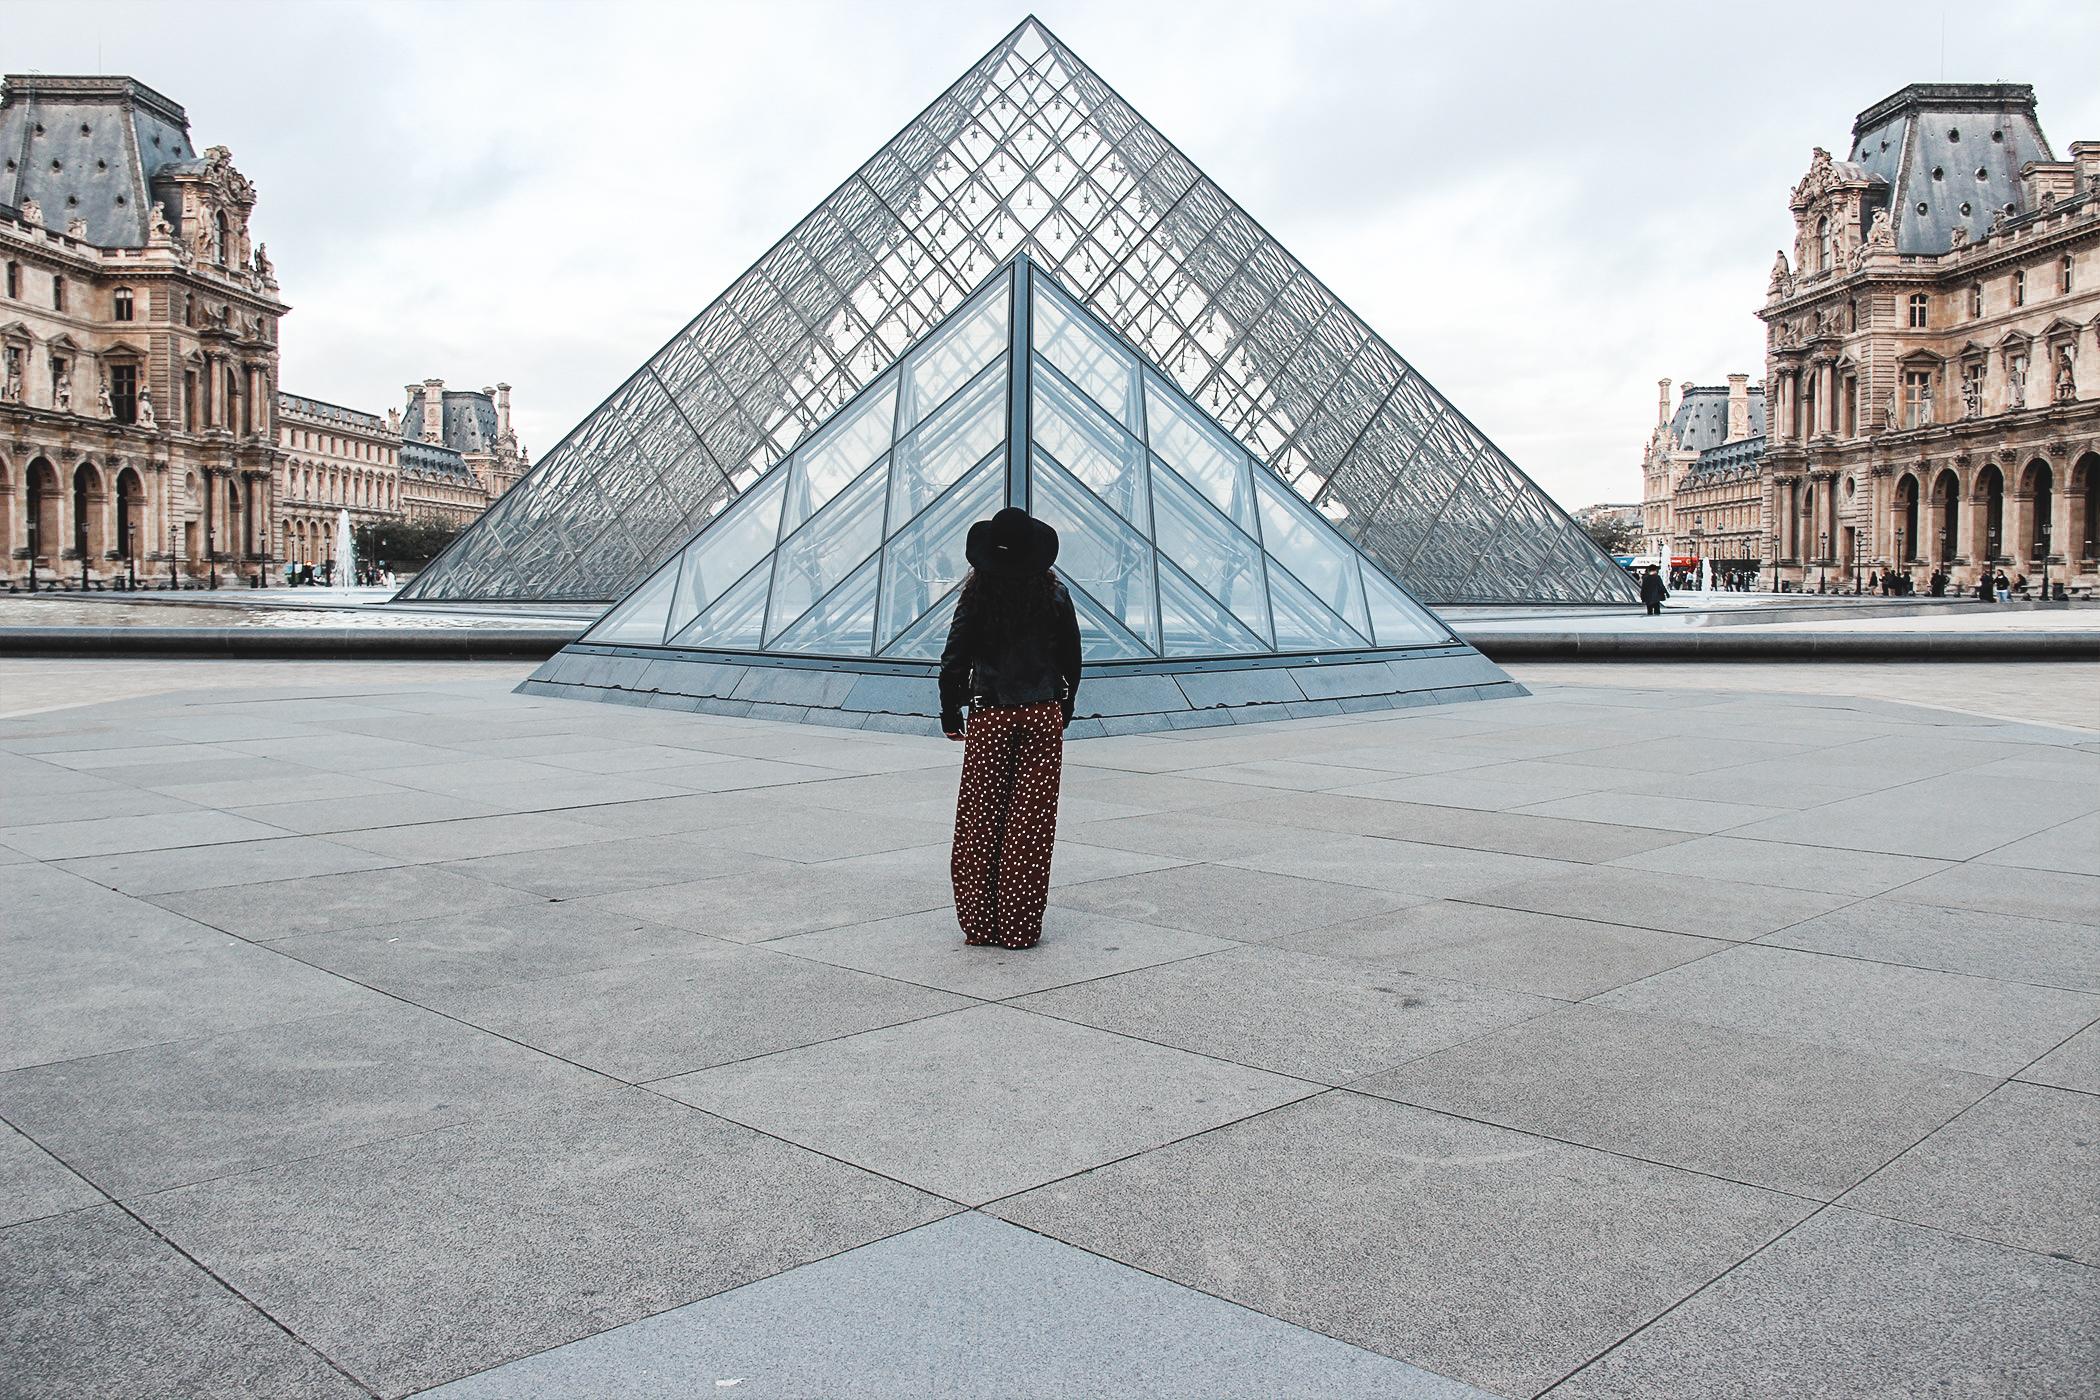 Pyramide du Musée du Louvre, Le parfait itinéraire si vous aimez vous baladez dans l'art Parisien